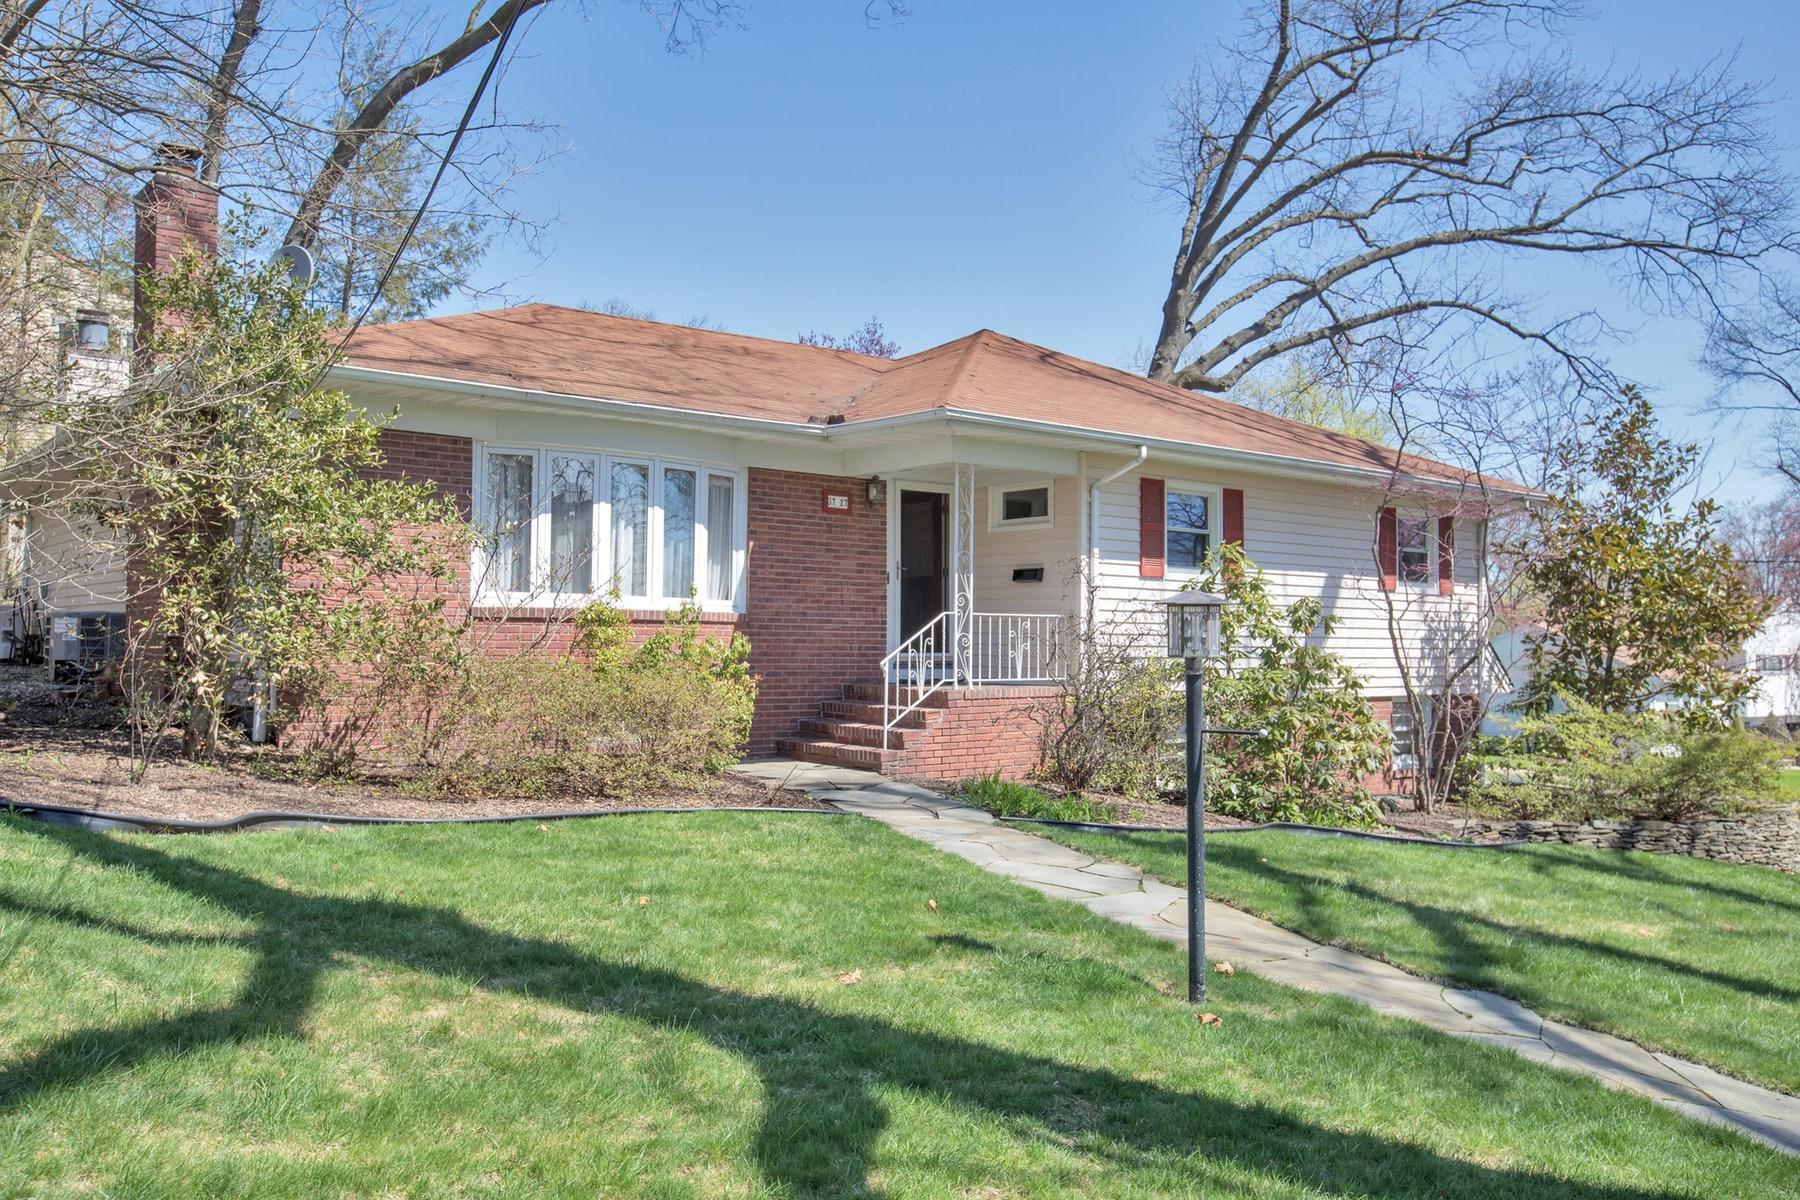 Частный односемейный дом для того Продажа на Welcome Home! 37-27-Hillside Terrace, Fair Lawn, Нью-Джерси 07410 Соединенные Штаты